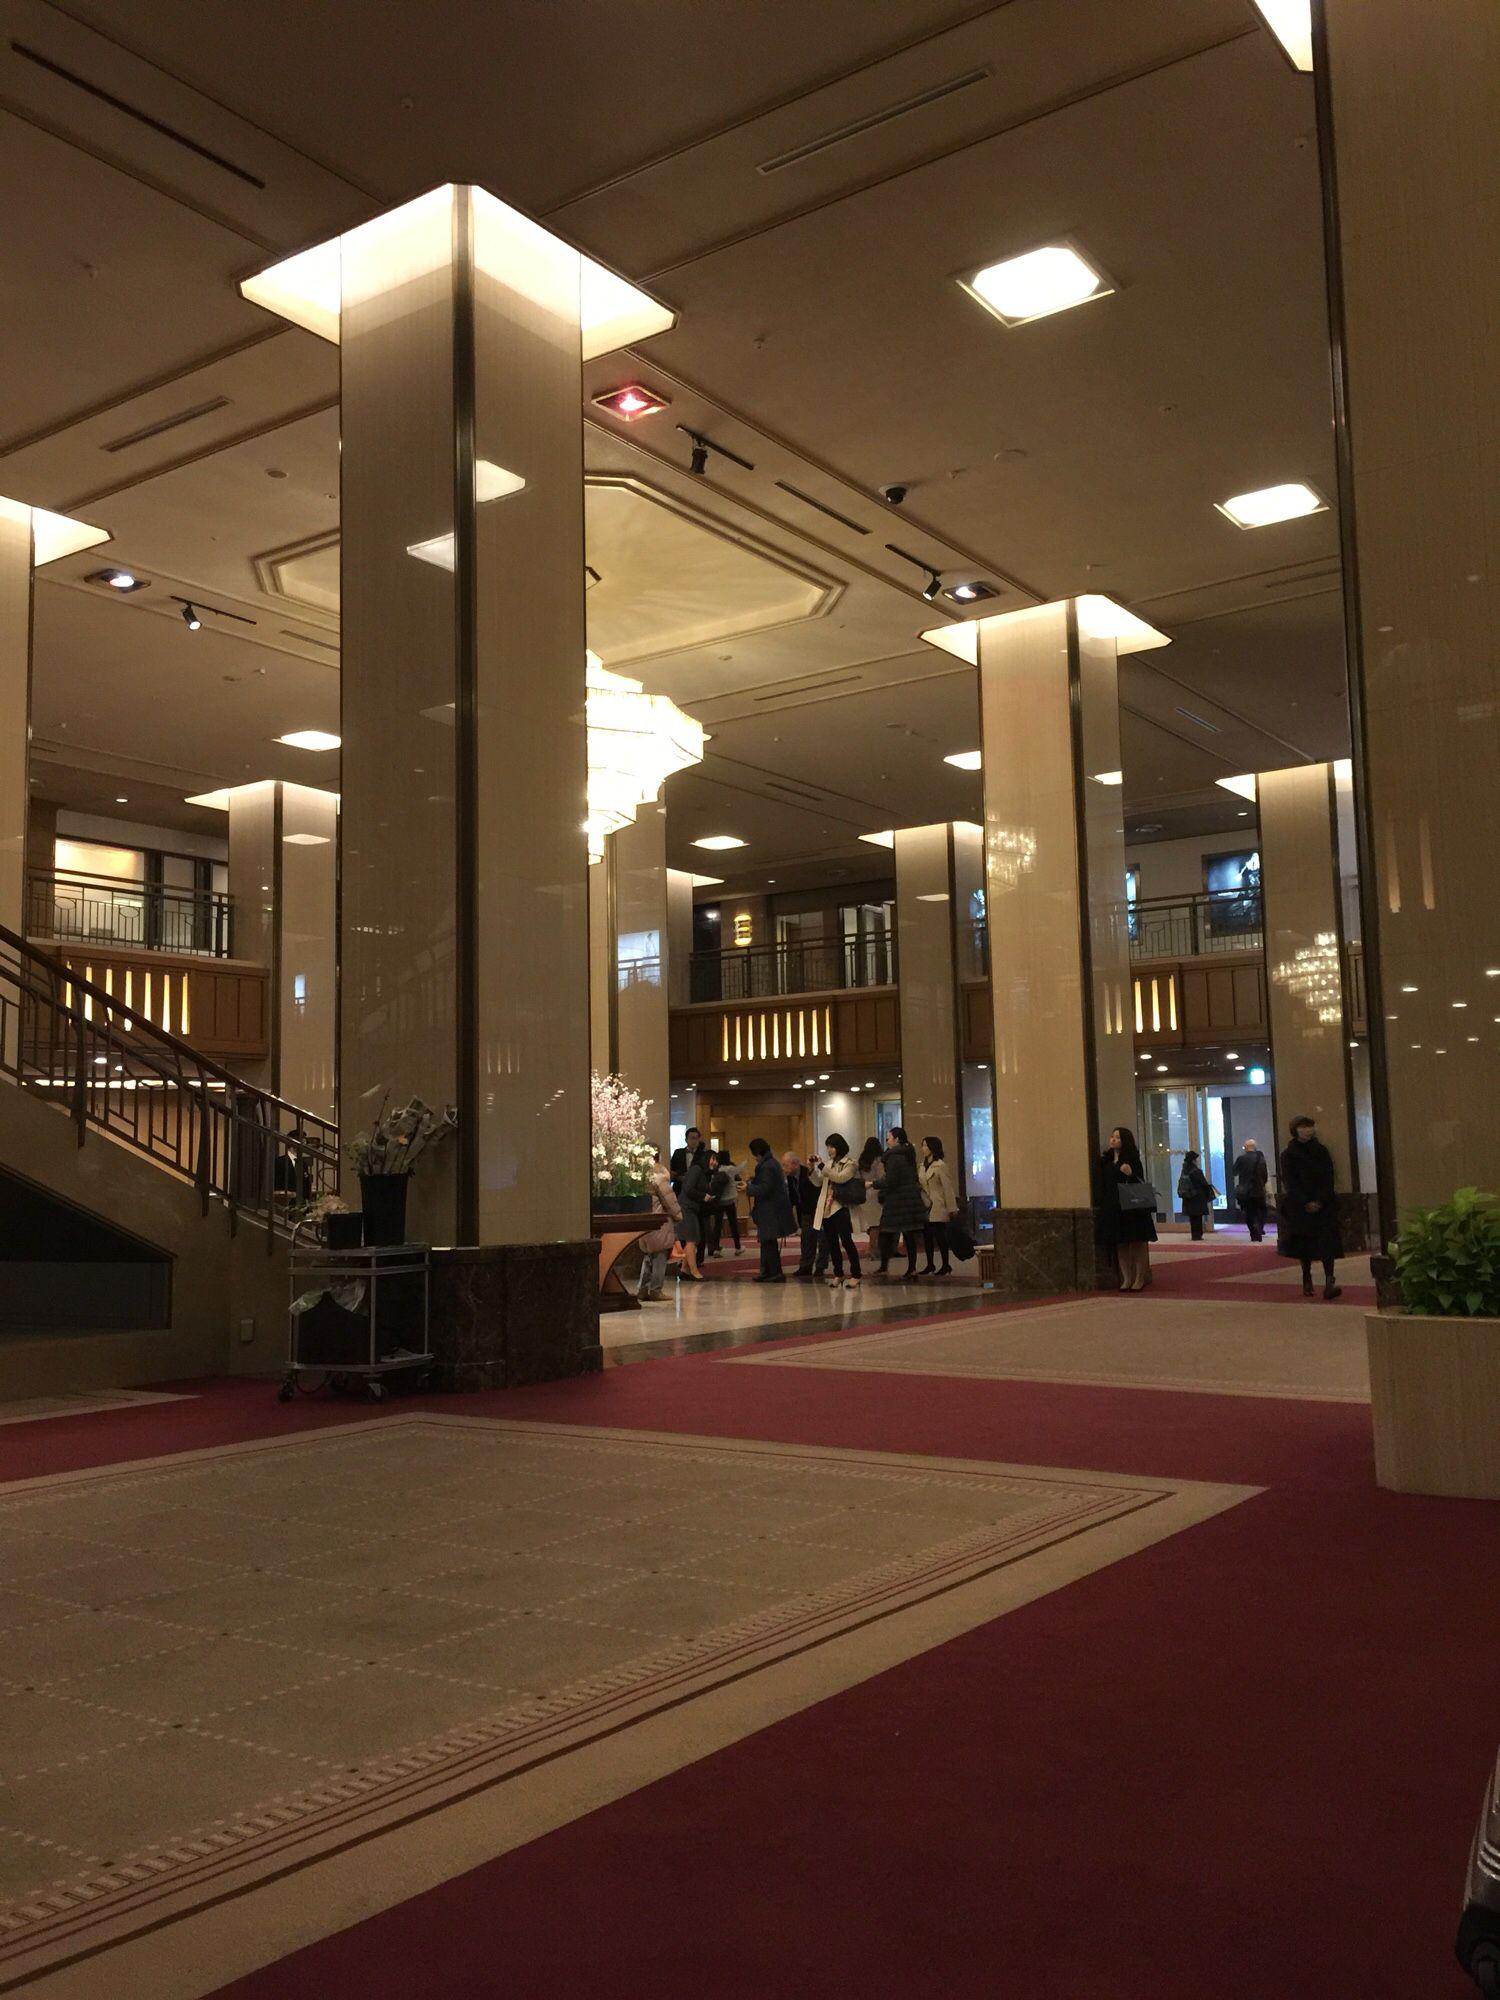 結婚式出席のために帝国ホテル 自宅から歩いて来る距離ですが礼服で歩くのが嫌で車運転してきました 大失敗でした 今日は東京マラソンの日でした ホテル前の日比谷通りは交通規制になります 大失敗 帝国ホテル ホテル